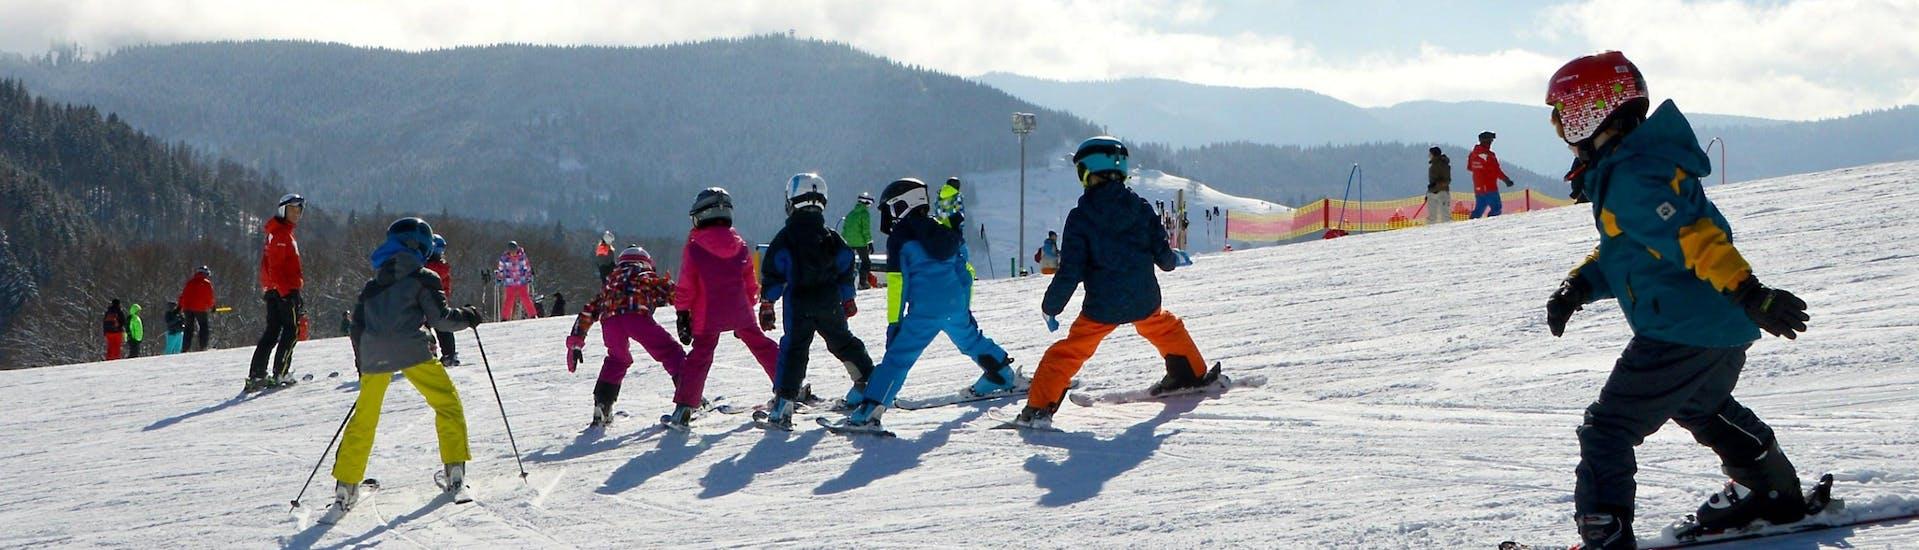 Lezioni di sci per bambini a partire da 6 anni per tutti i livelli